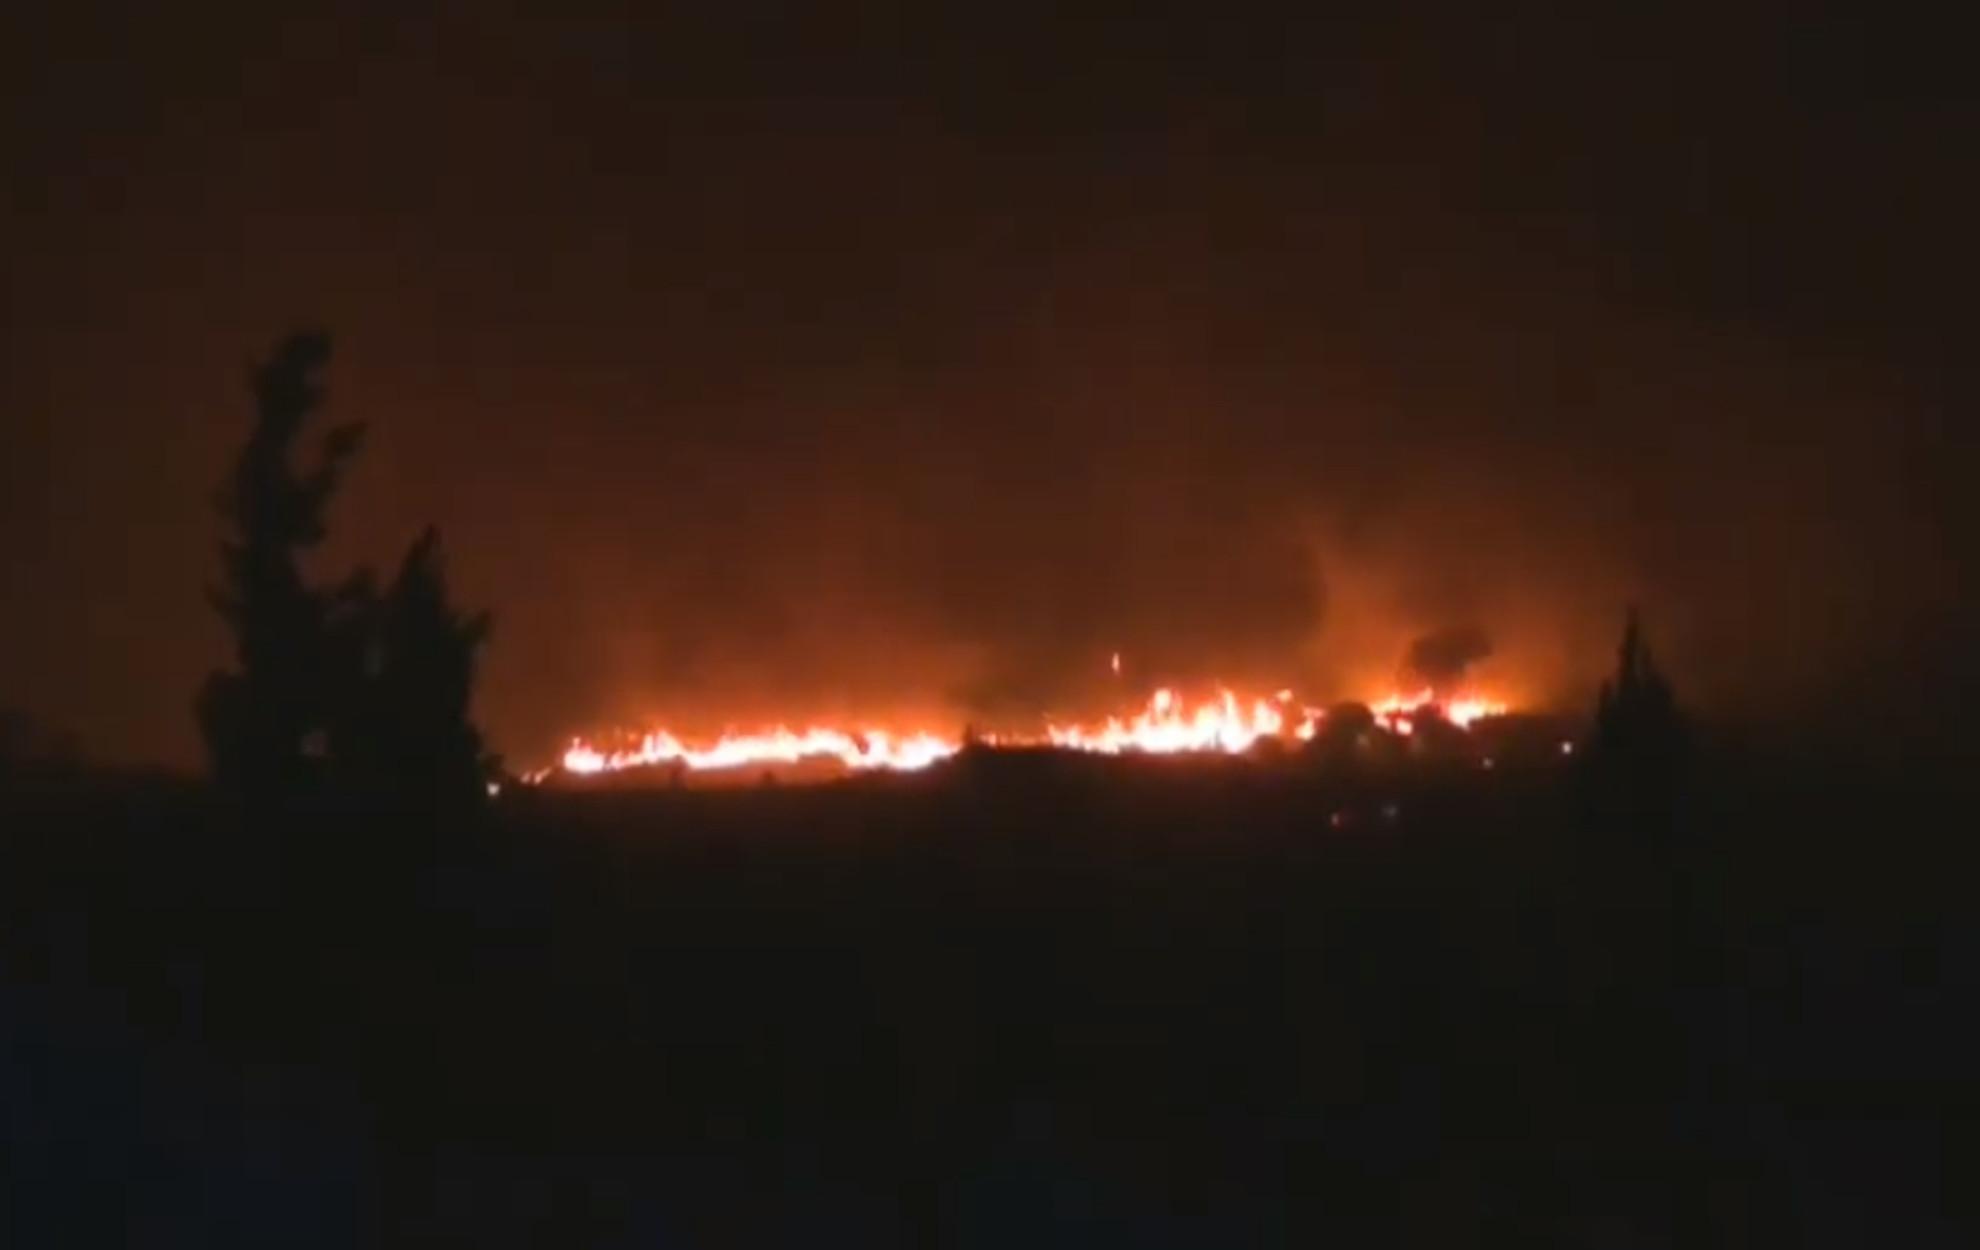 Φωτιά στην Φωκίδα: «Η πυρκαγιά πάει όπου θέλει, όποτε θέλει» – Έκκληση για βοήθεια